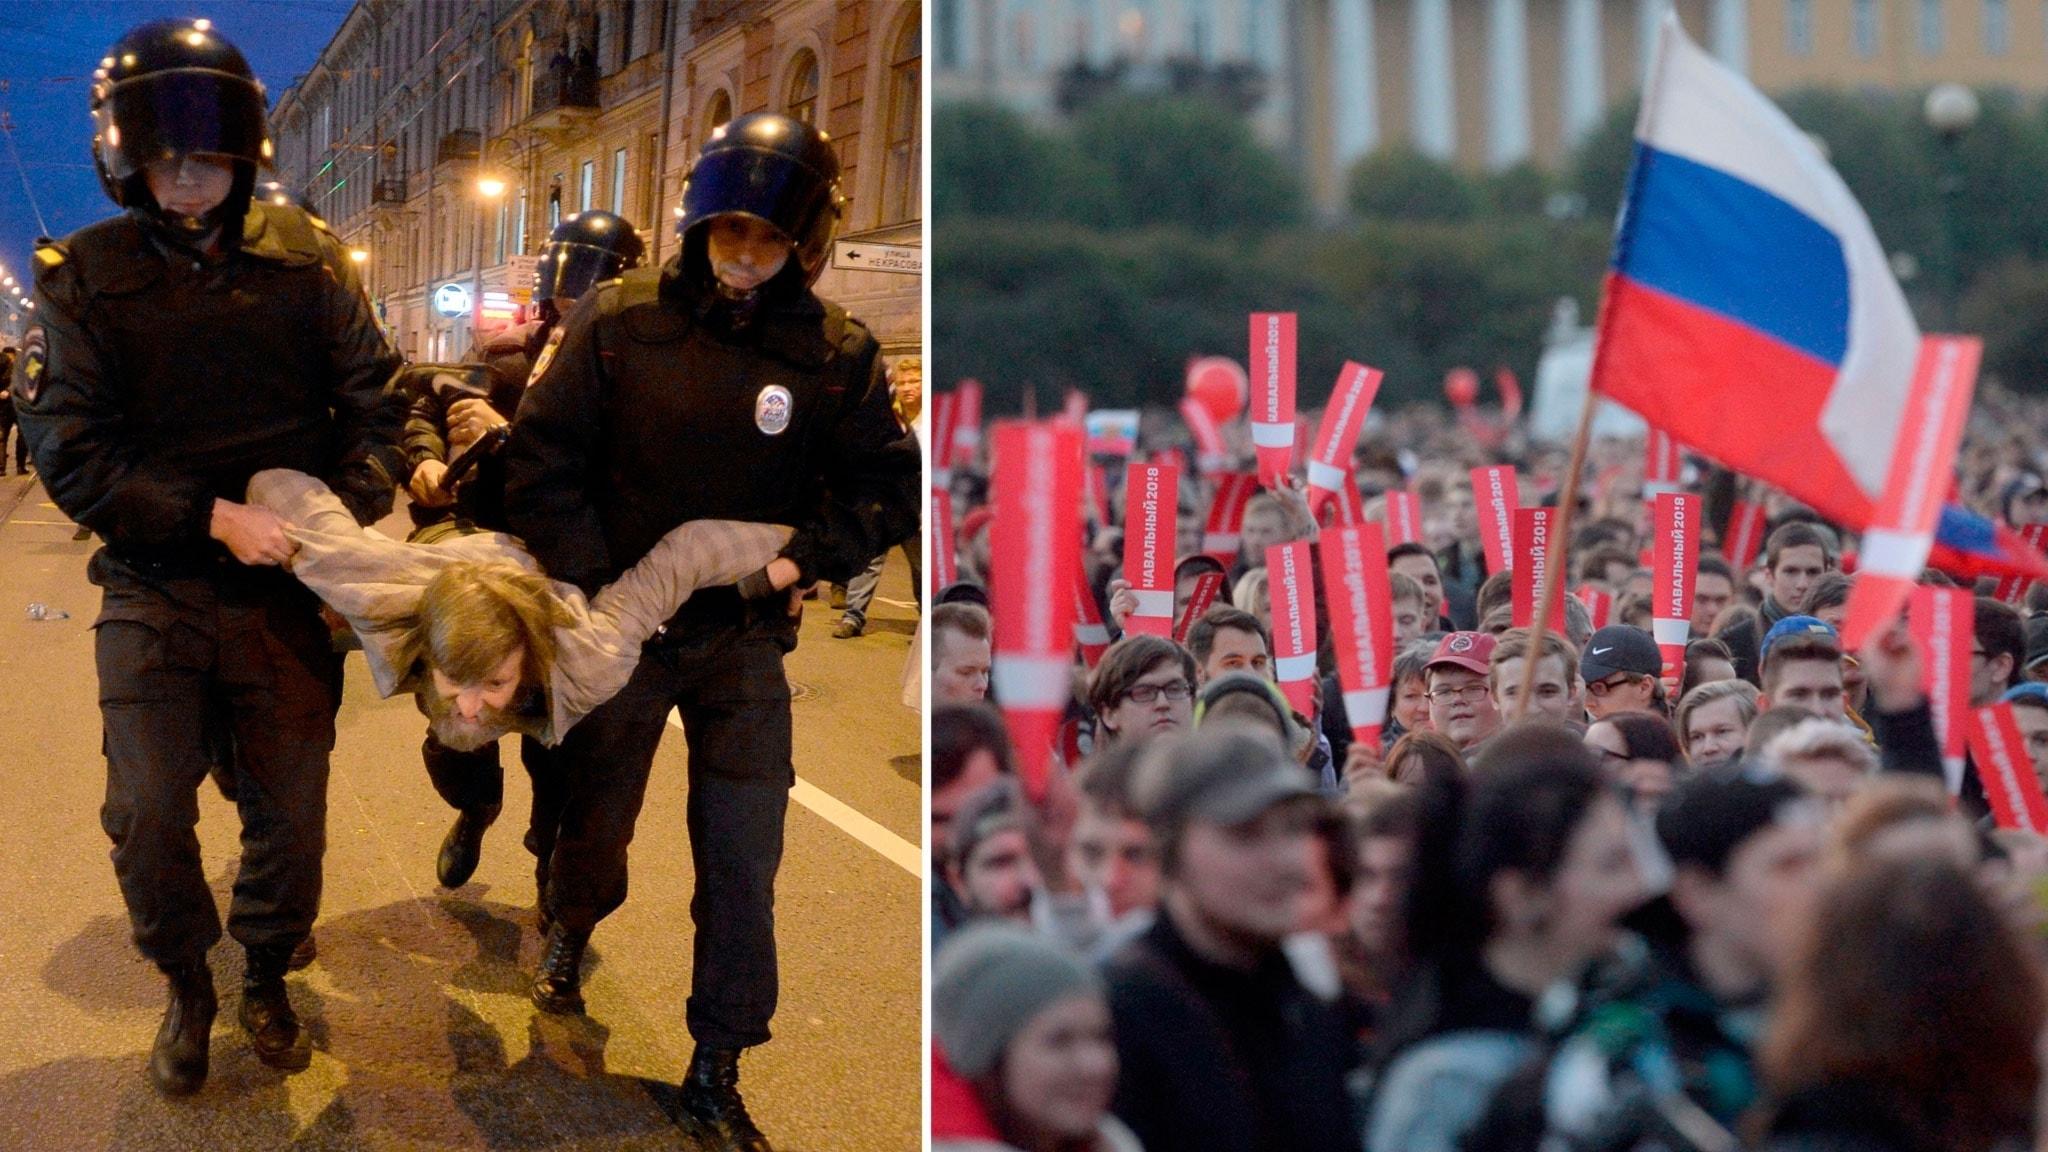 Over 200 gripna i rysk demonstration